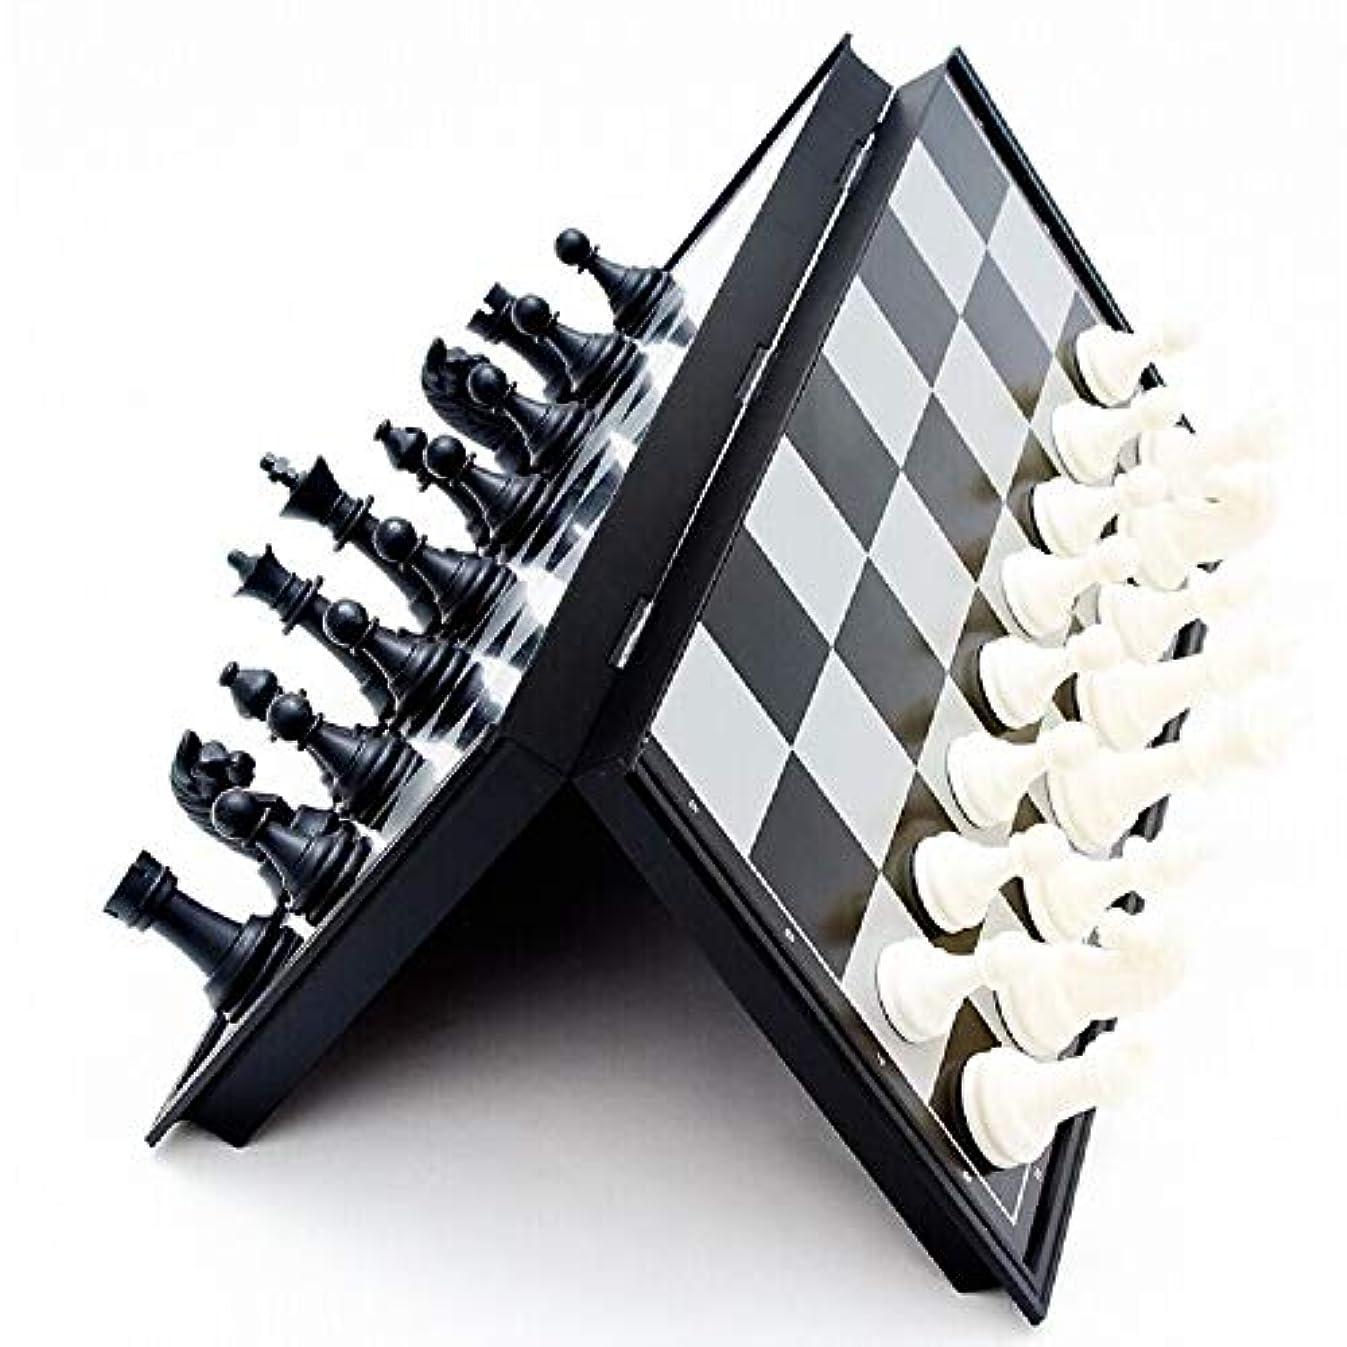 頭蓋骨仲良しアドバイスチェスセットインターナショナルチェスウッドエンターテイメントゲーム折りたたみボードマグネットチェスメン、子供用パズルゲーム ( Size : S )